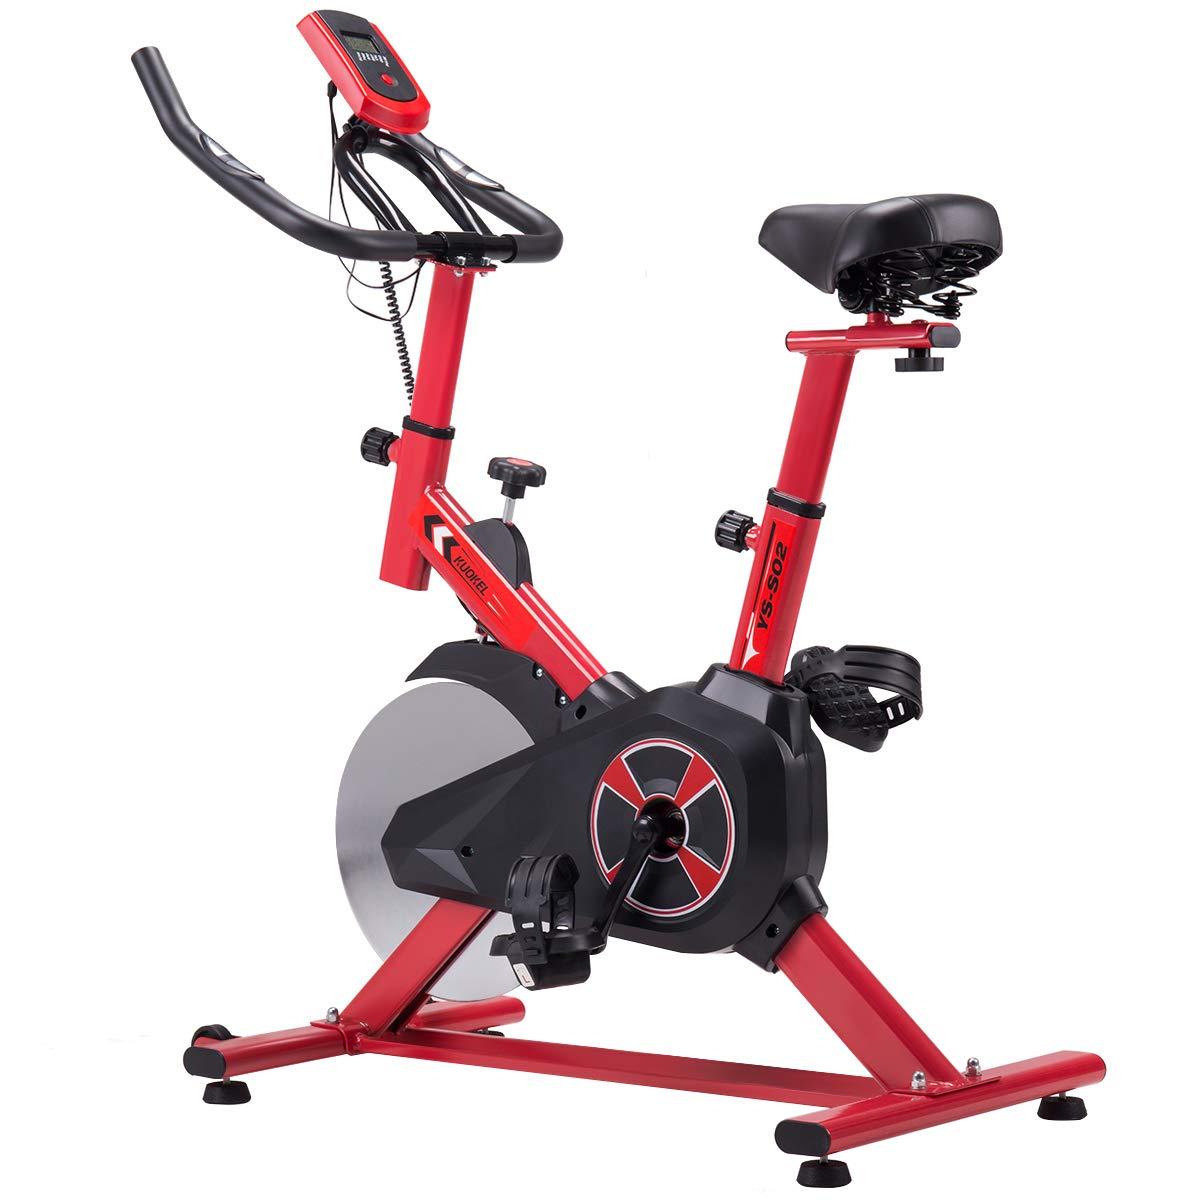 KUOKEL K601 - Indoor Cycling Bike Exercise Bike mit 10kg Schwungrad (Spinning Bike, Hometrainer, Gepolsterter Armauflage, Komfortsattel, ruhiges Reiten Pulsmessung bis 120kg)